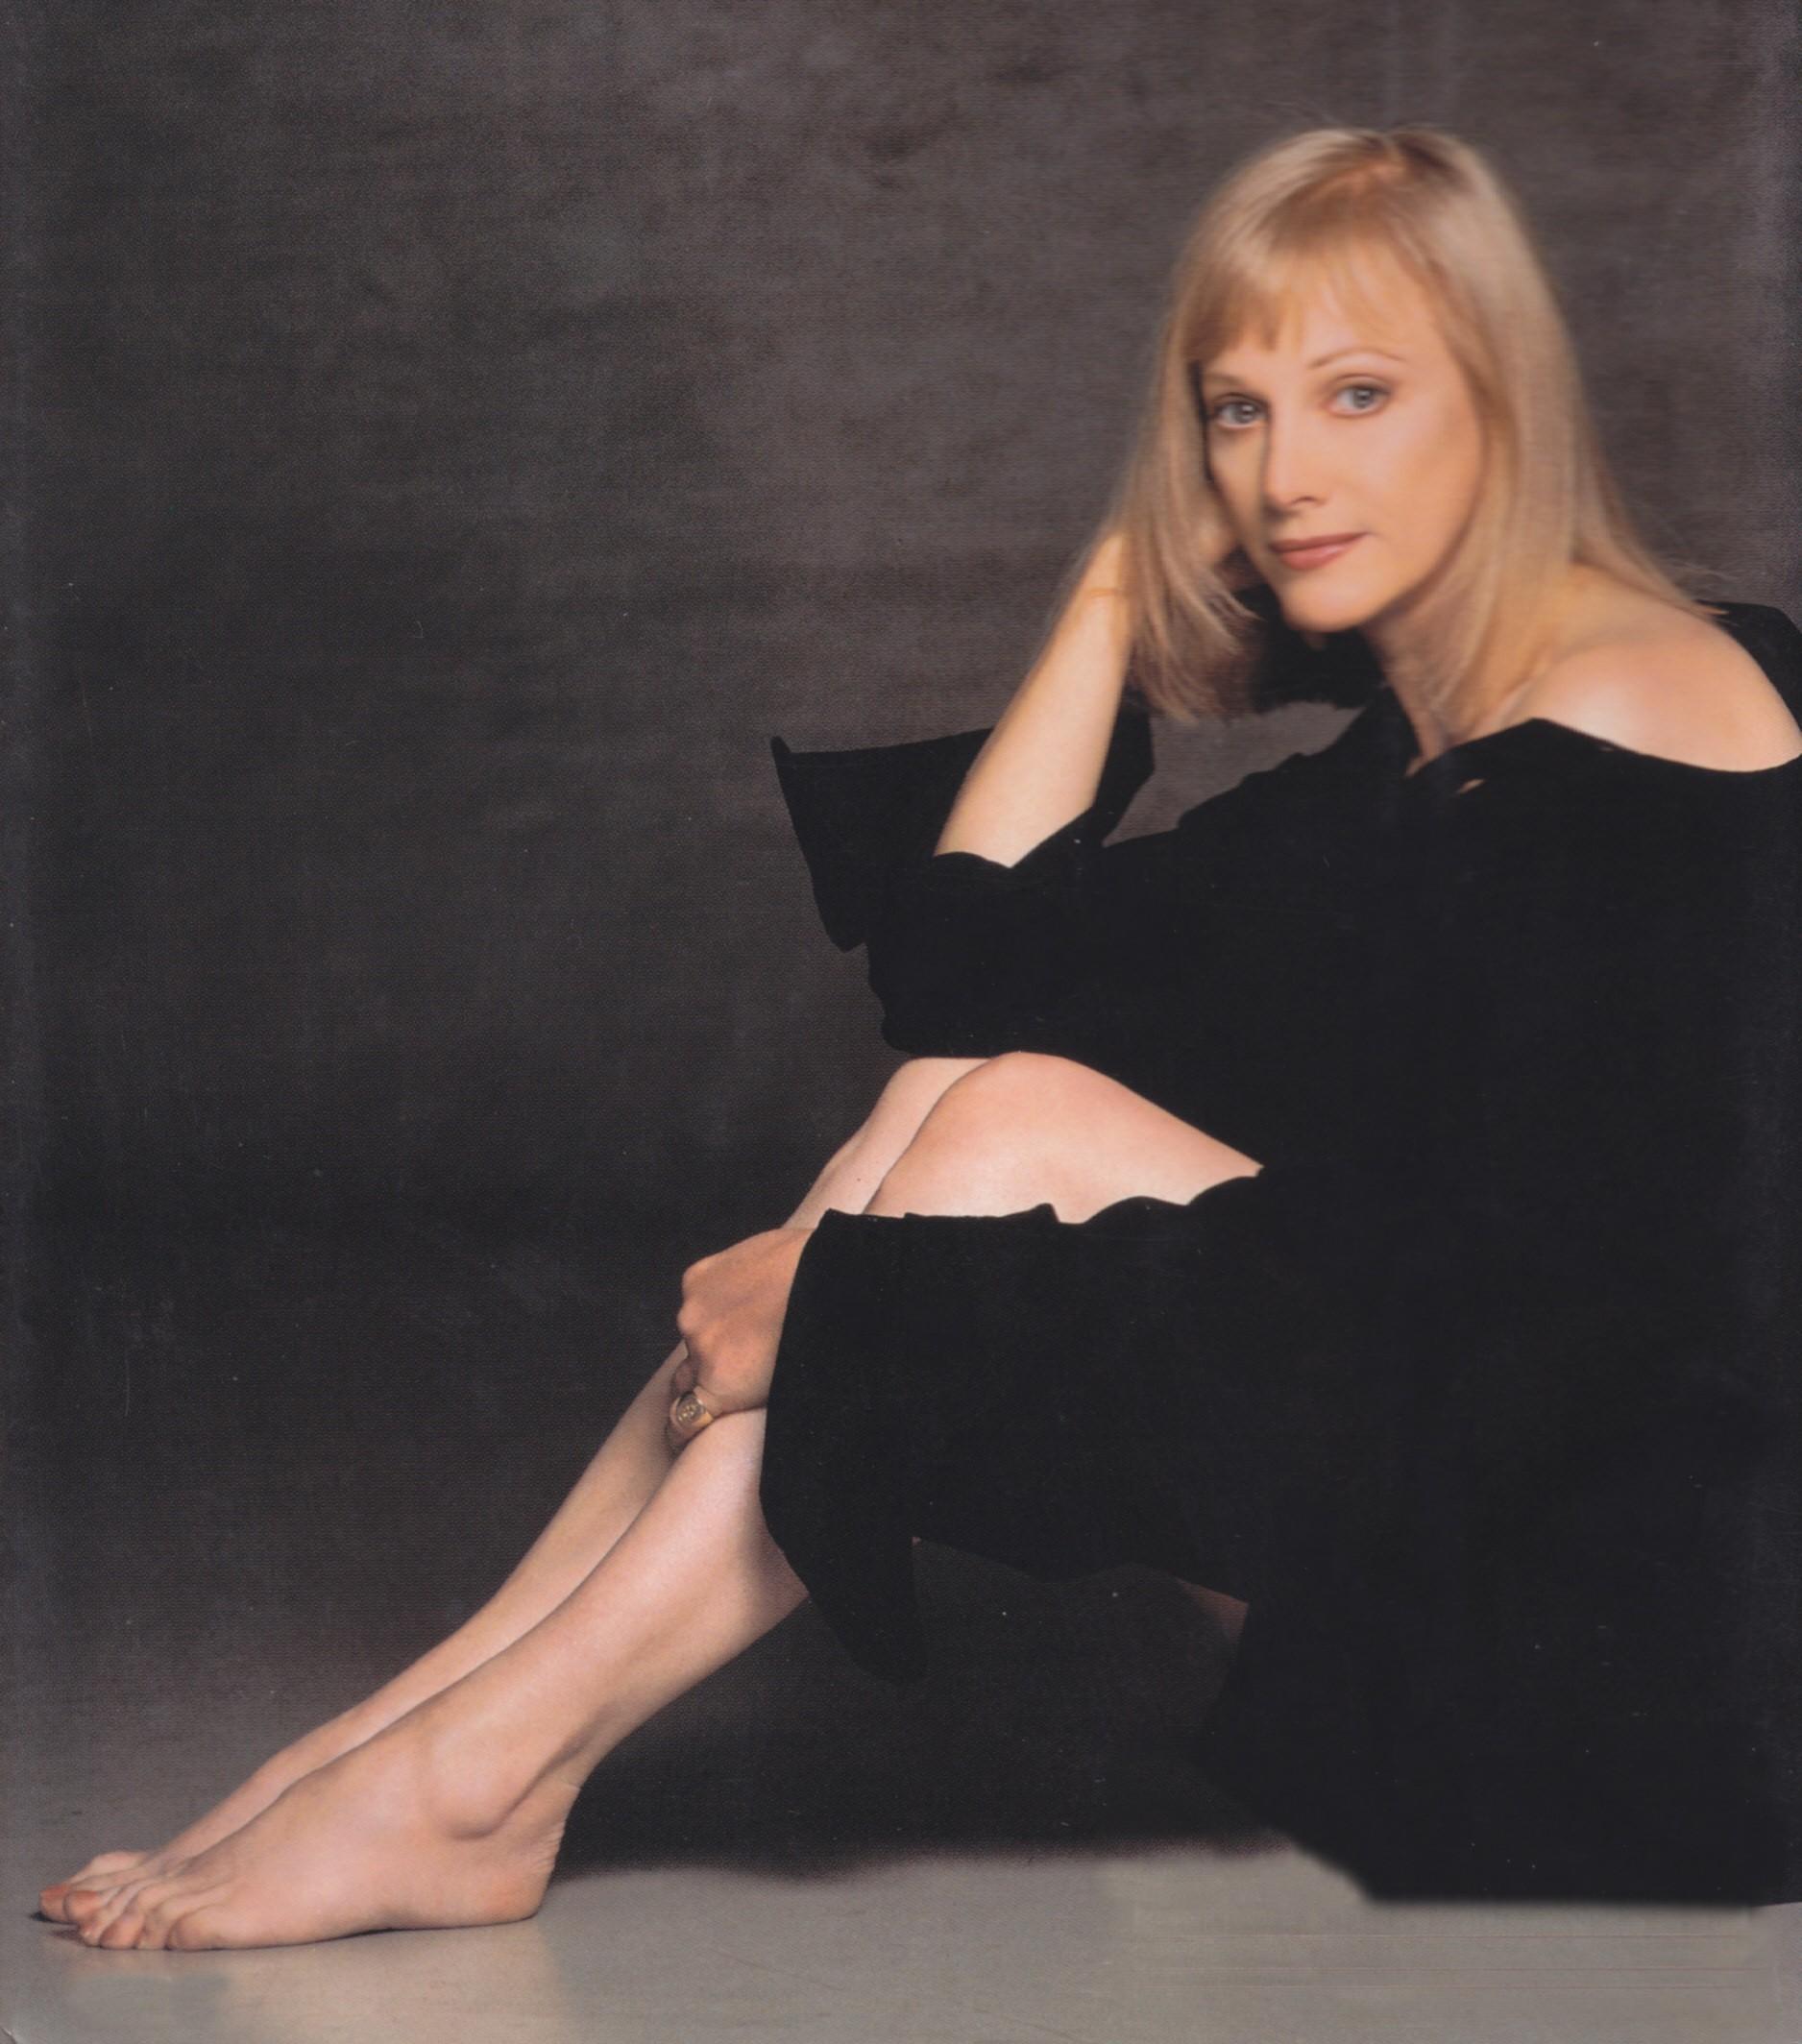 Sondra Locke's Feet